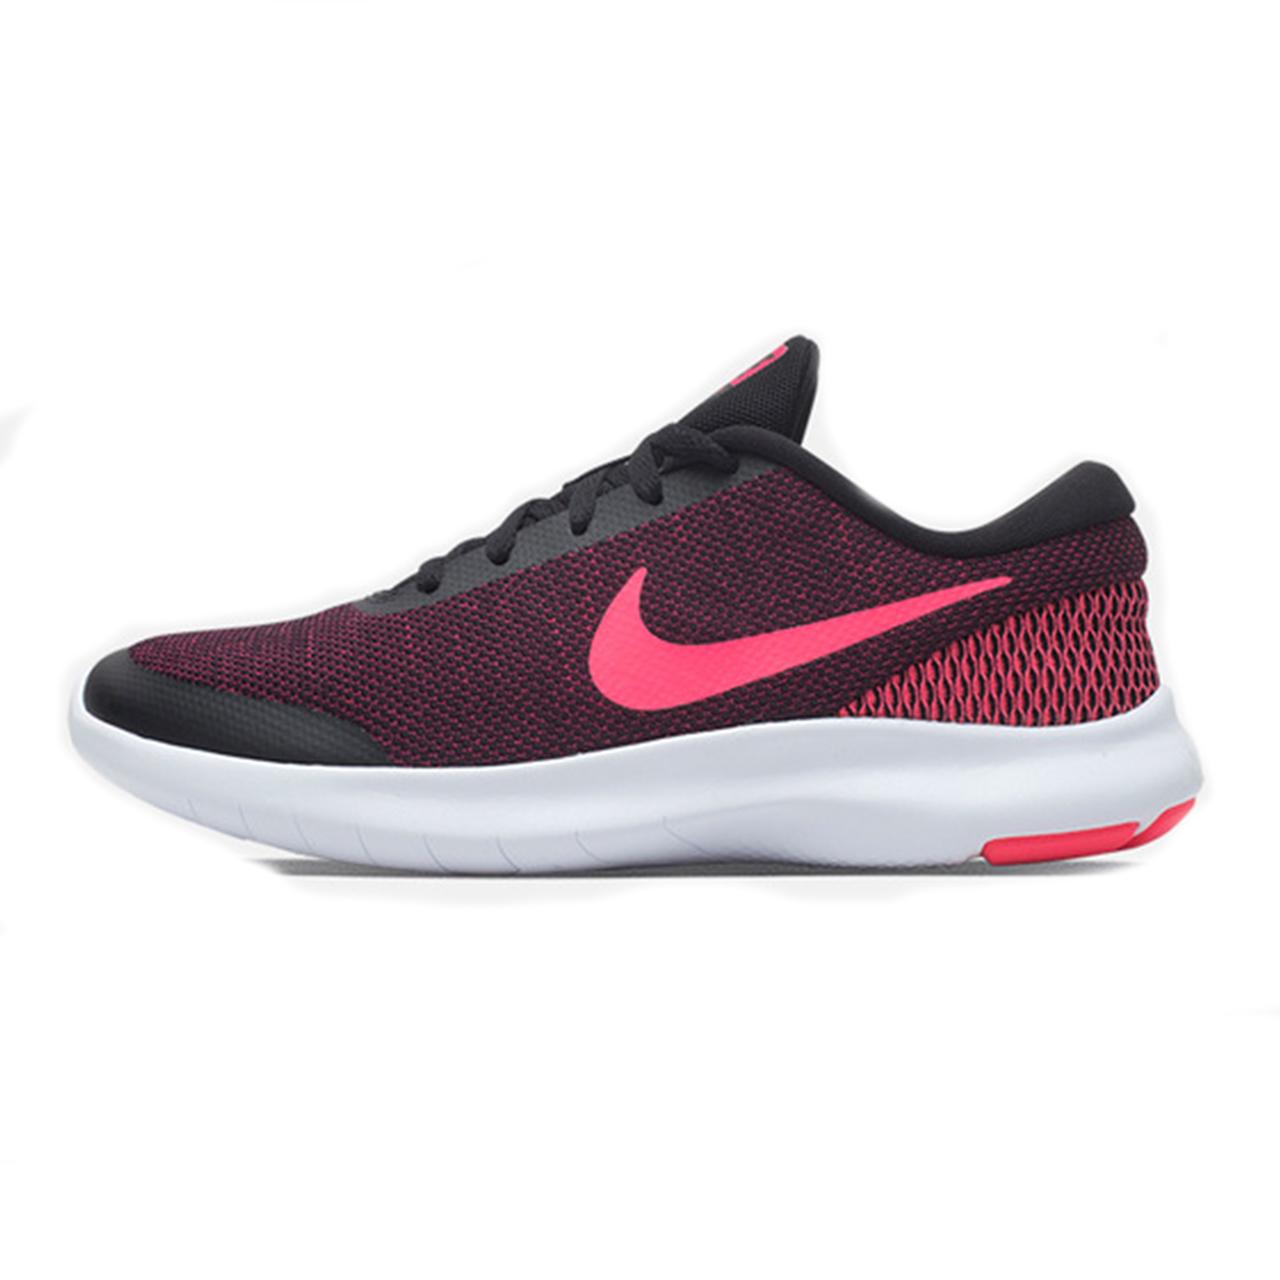 کفش مخصوص دویدن زنانه نایکی 908996-006